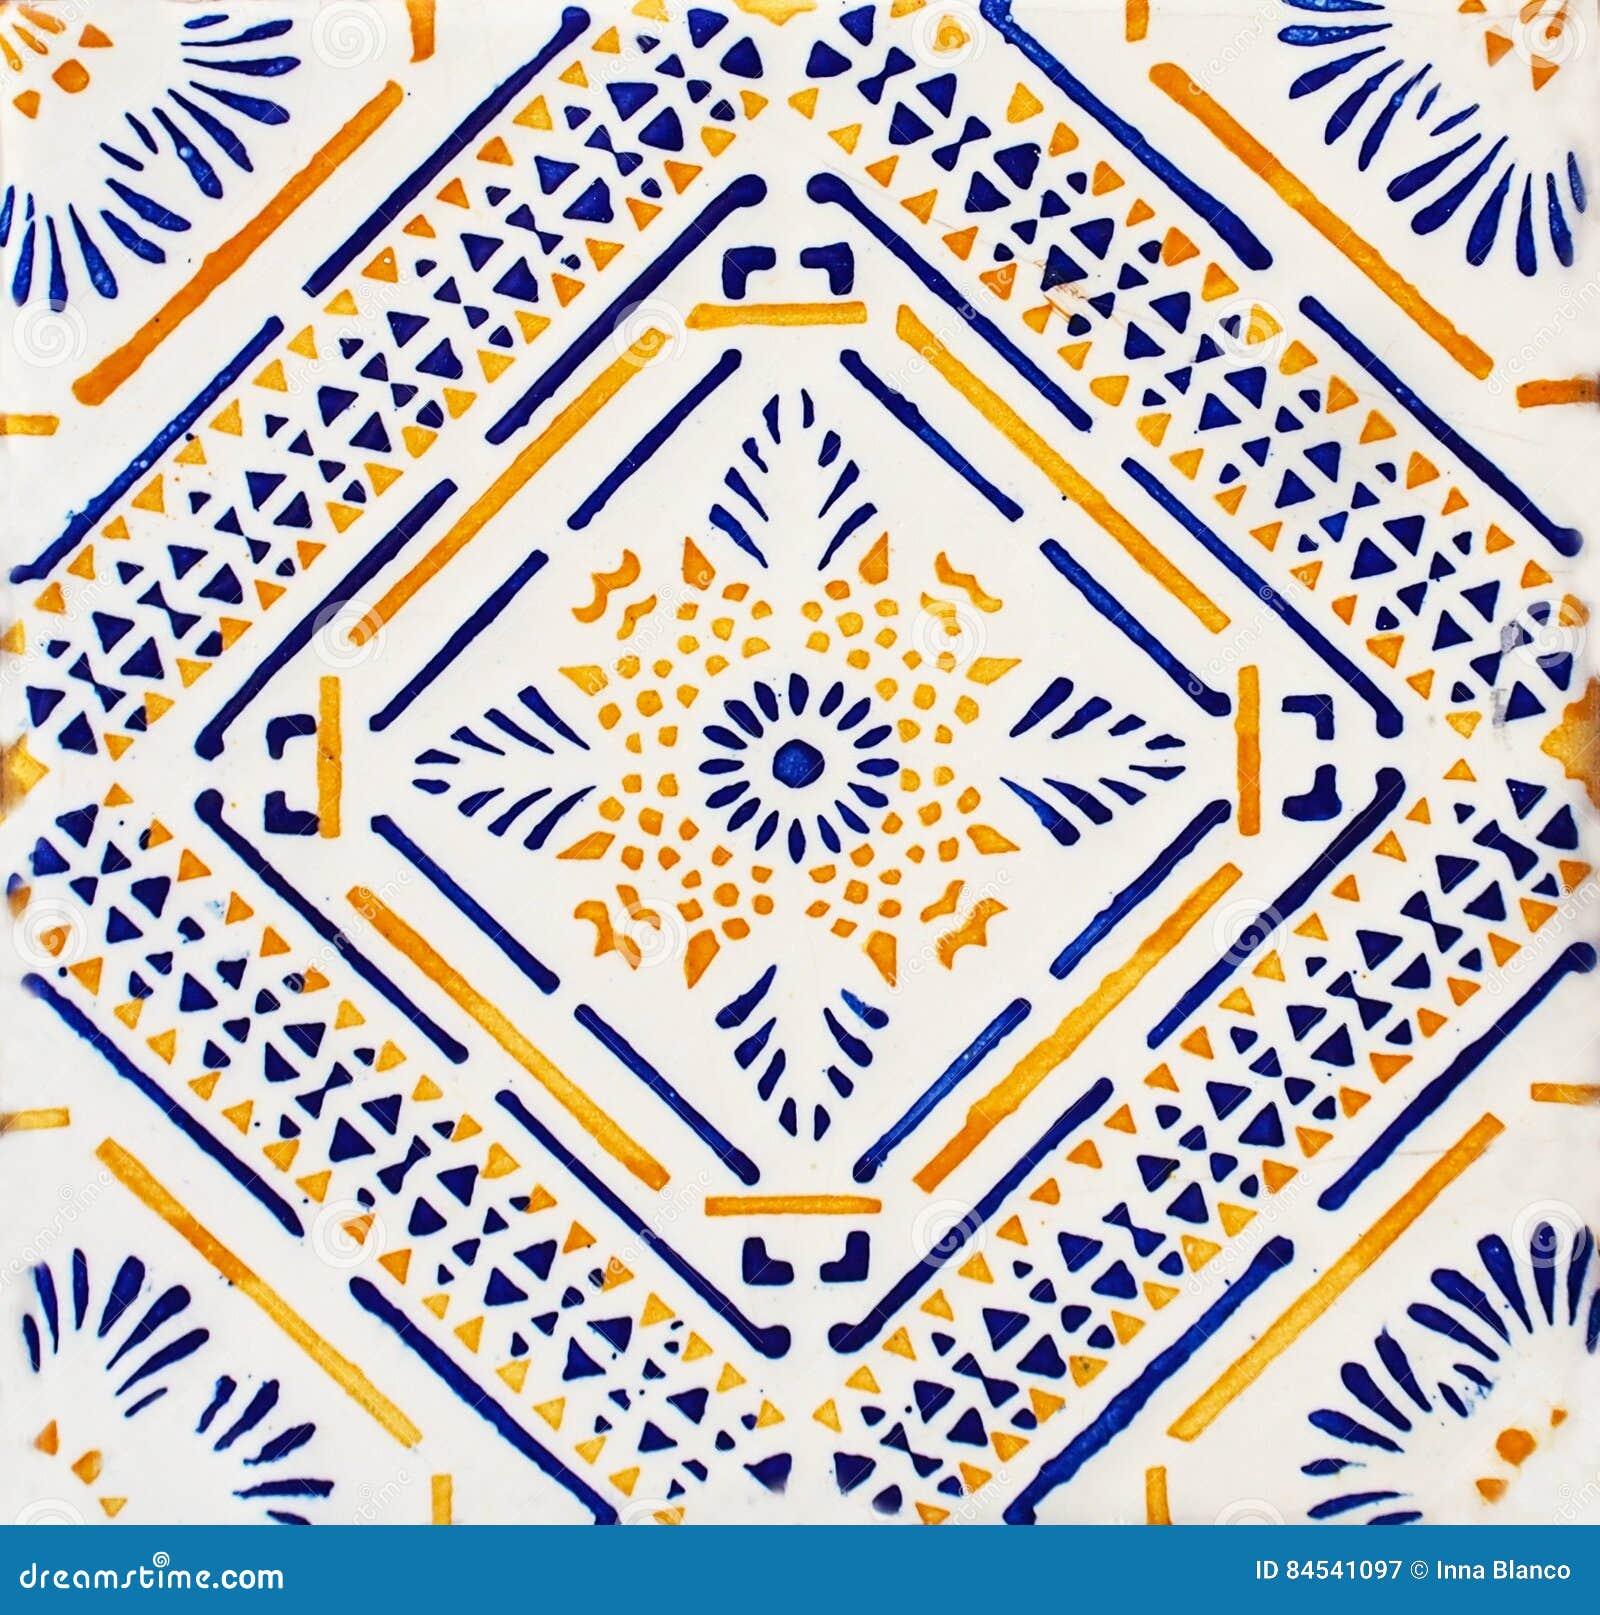 Detail Der Traditionellen Fliesen Von Der Fassade Des Alten Hauses  Dekorative Fliesen Valencian Traditionelle Fliesen Muster 08 M